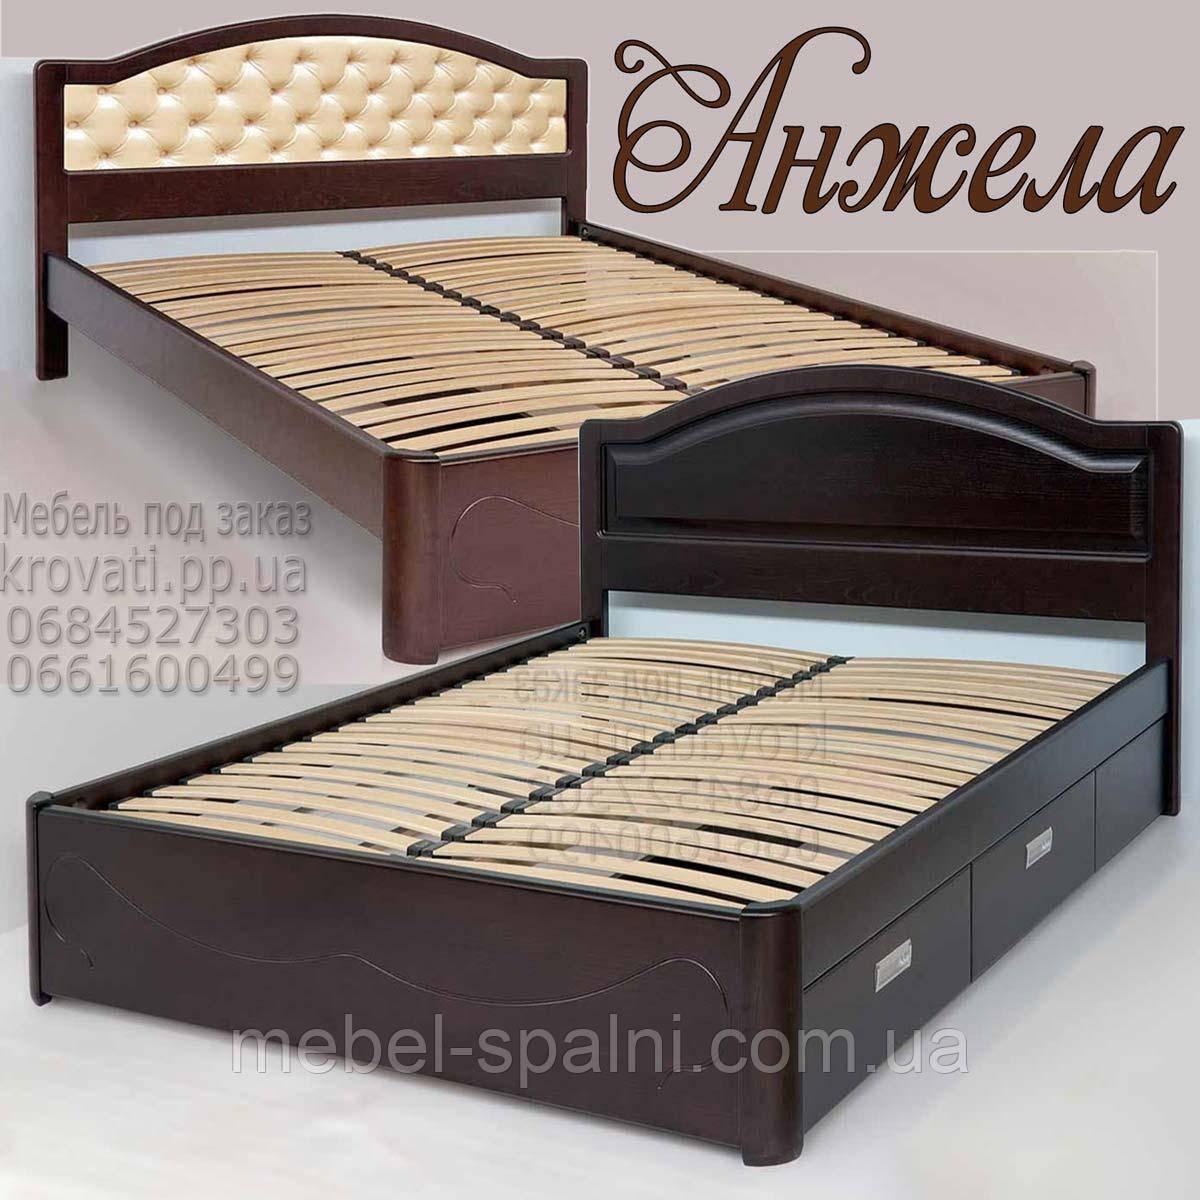 Кровать деревянная «Анжела» - витрина